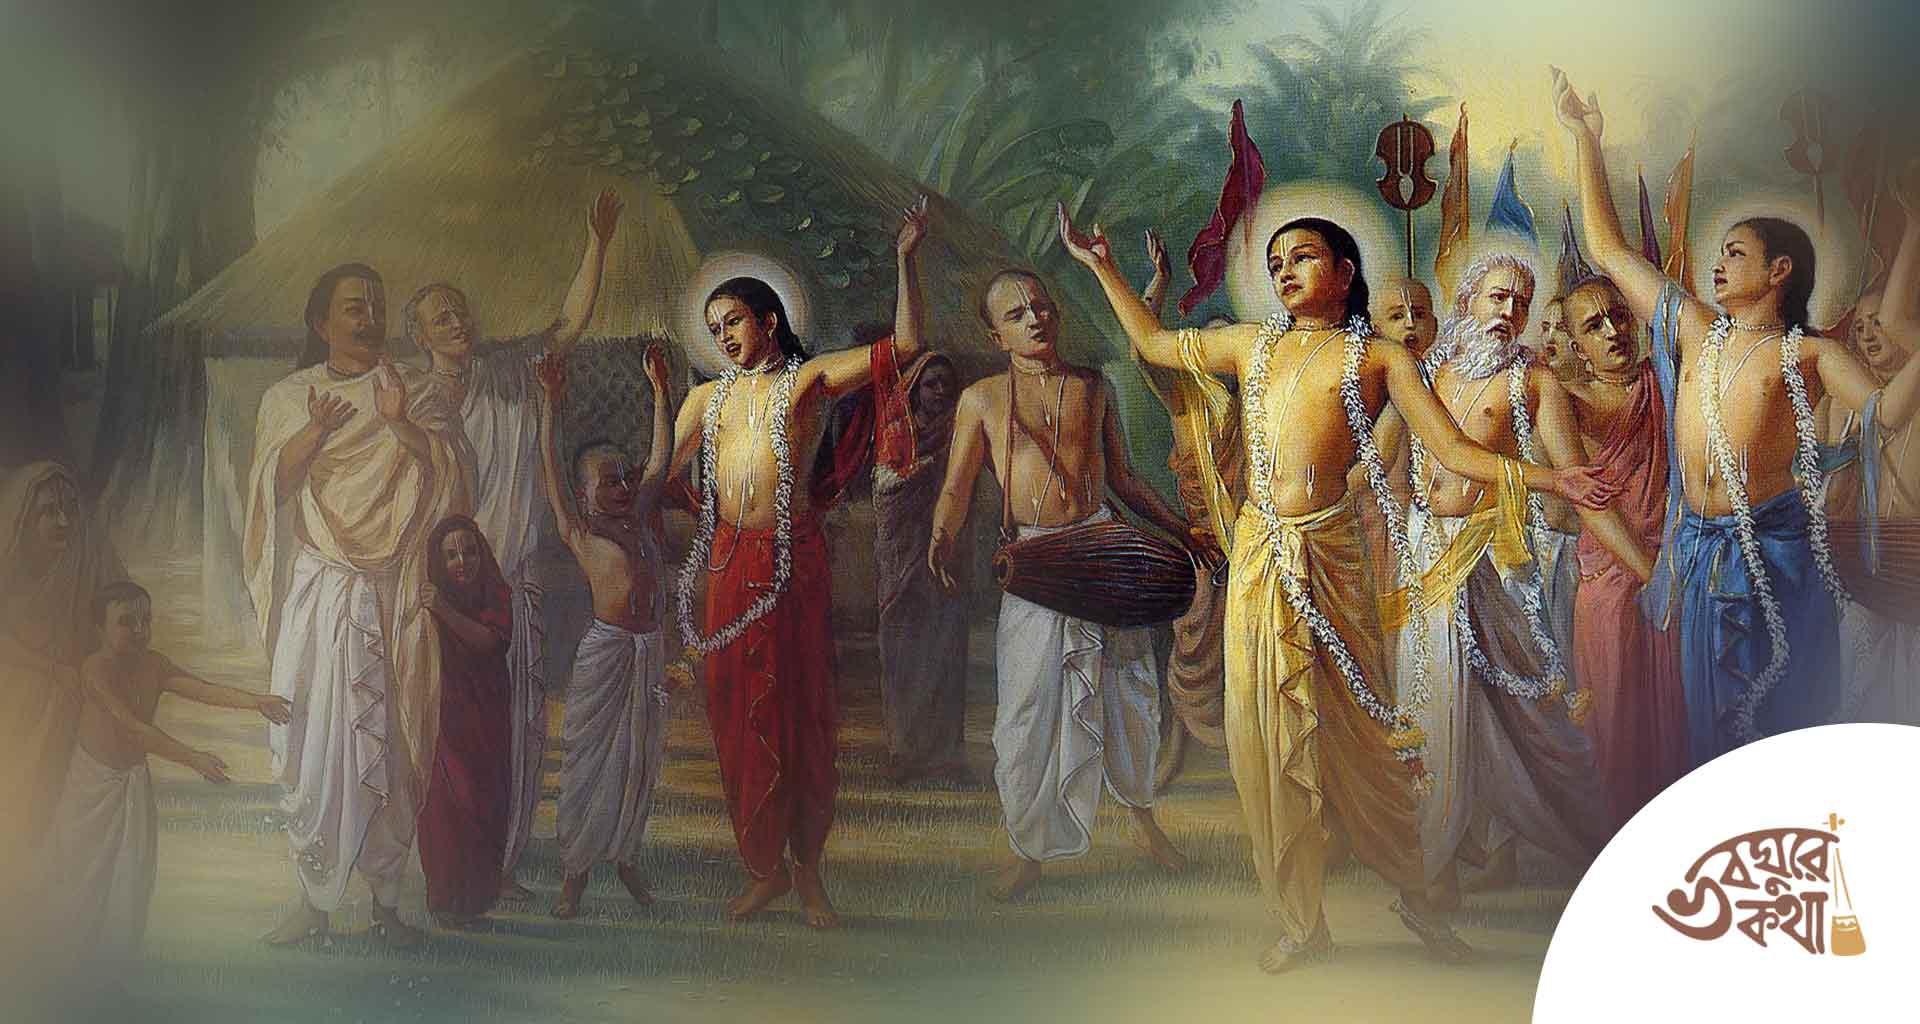 চৈতন্য মহাপ্রভু গৌরাঙ্গ গোরা বৈষ্ণব